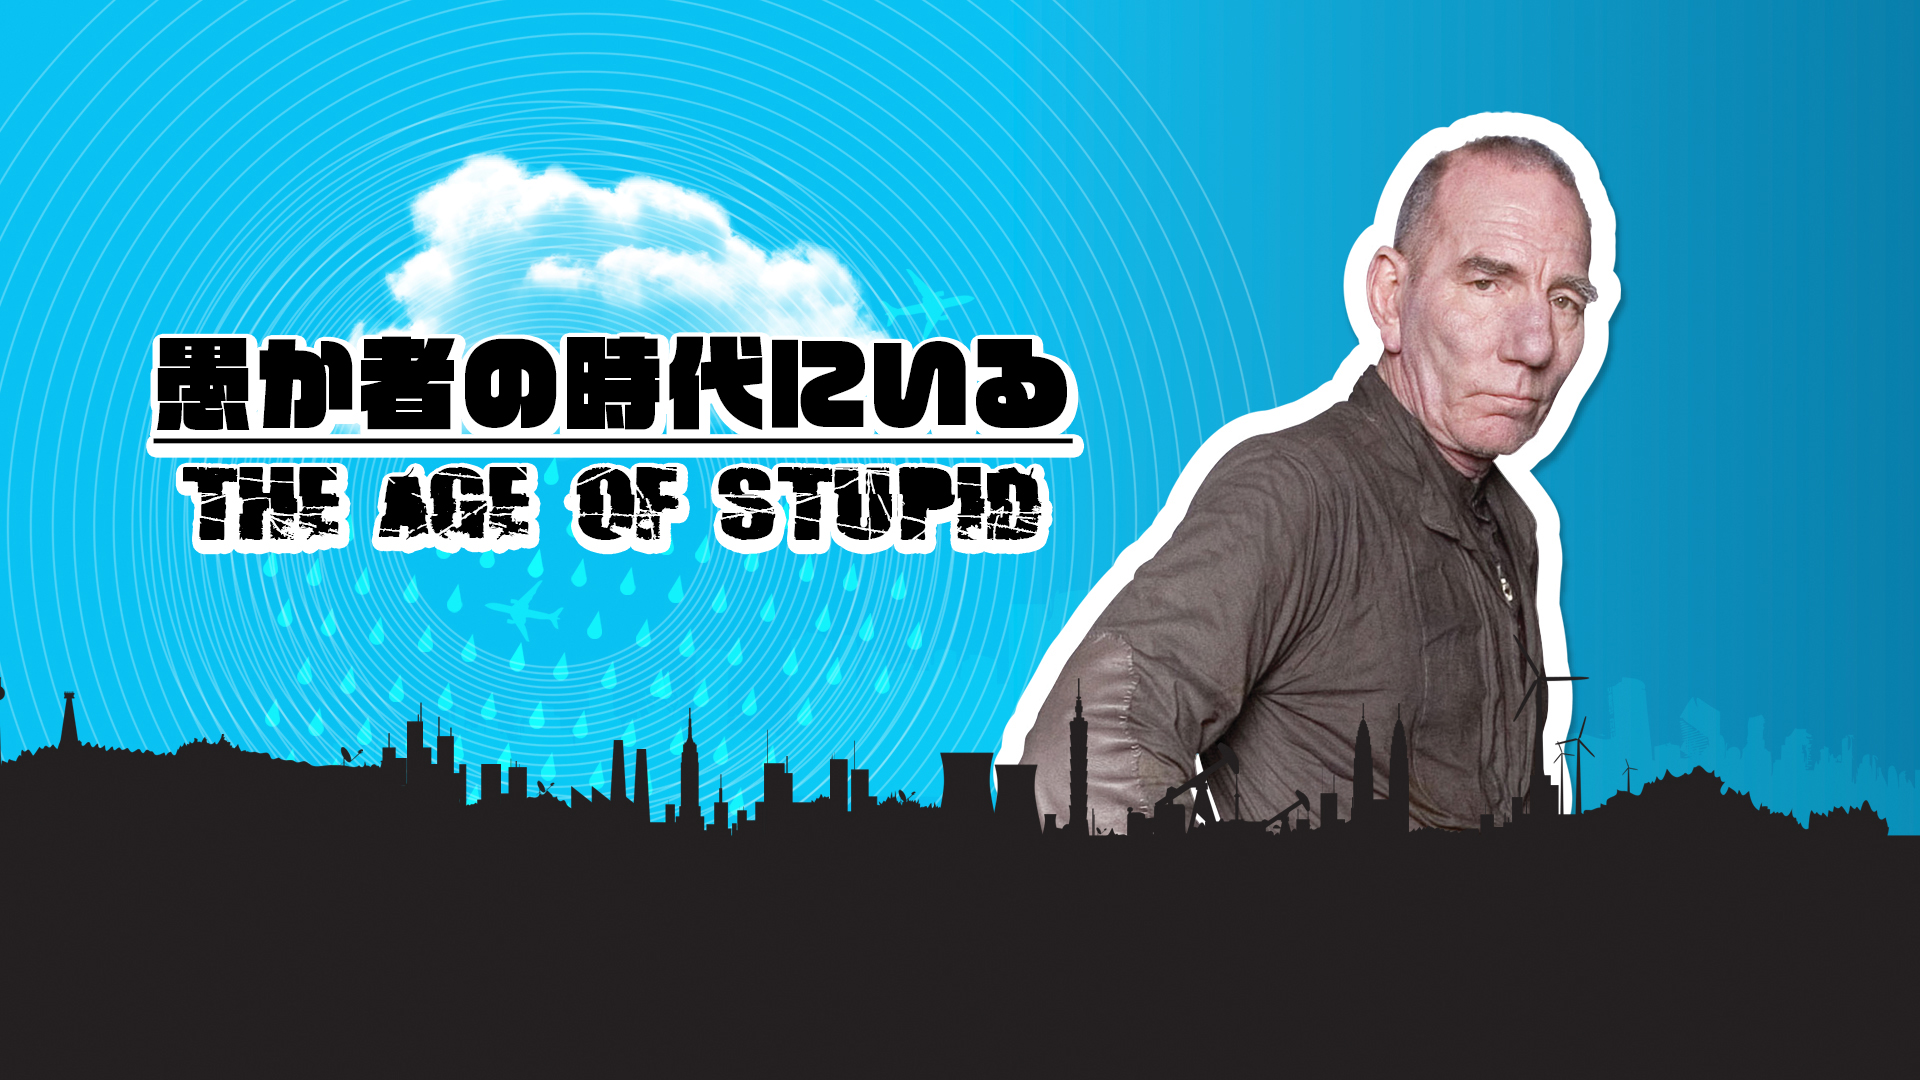 愚か者の時代にいる (The Age of Stupid)